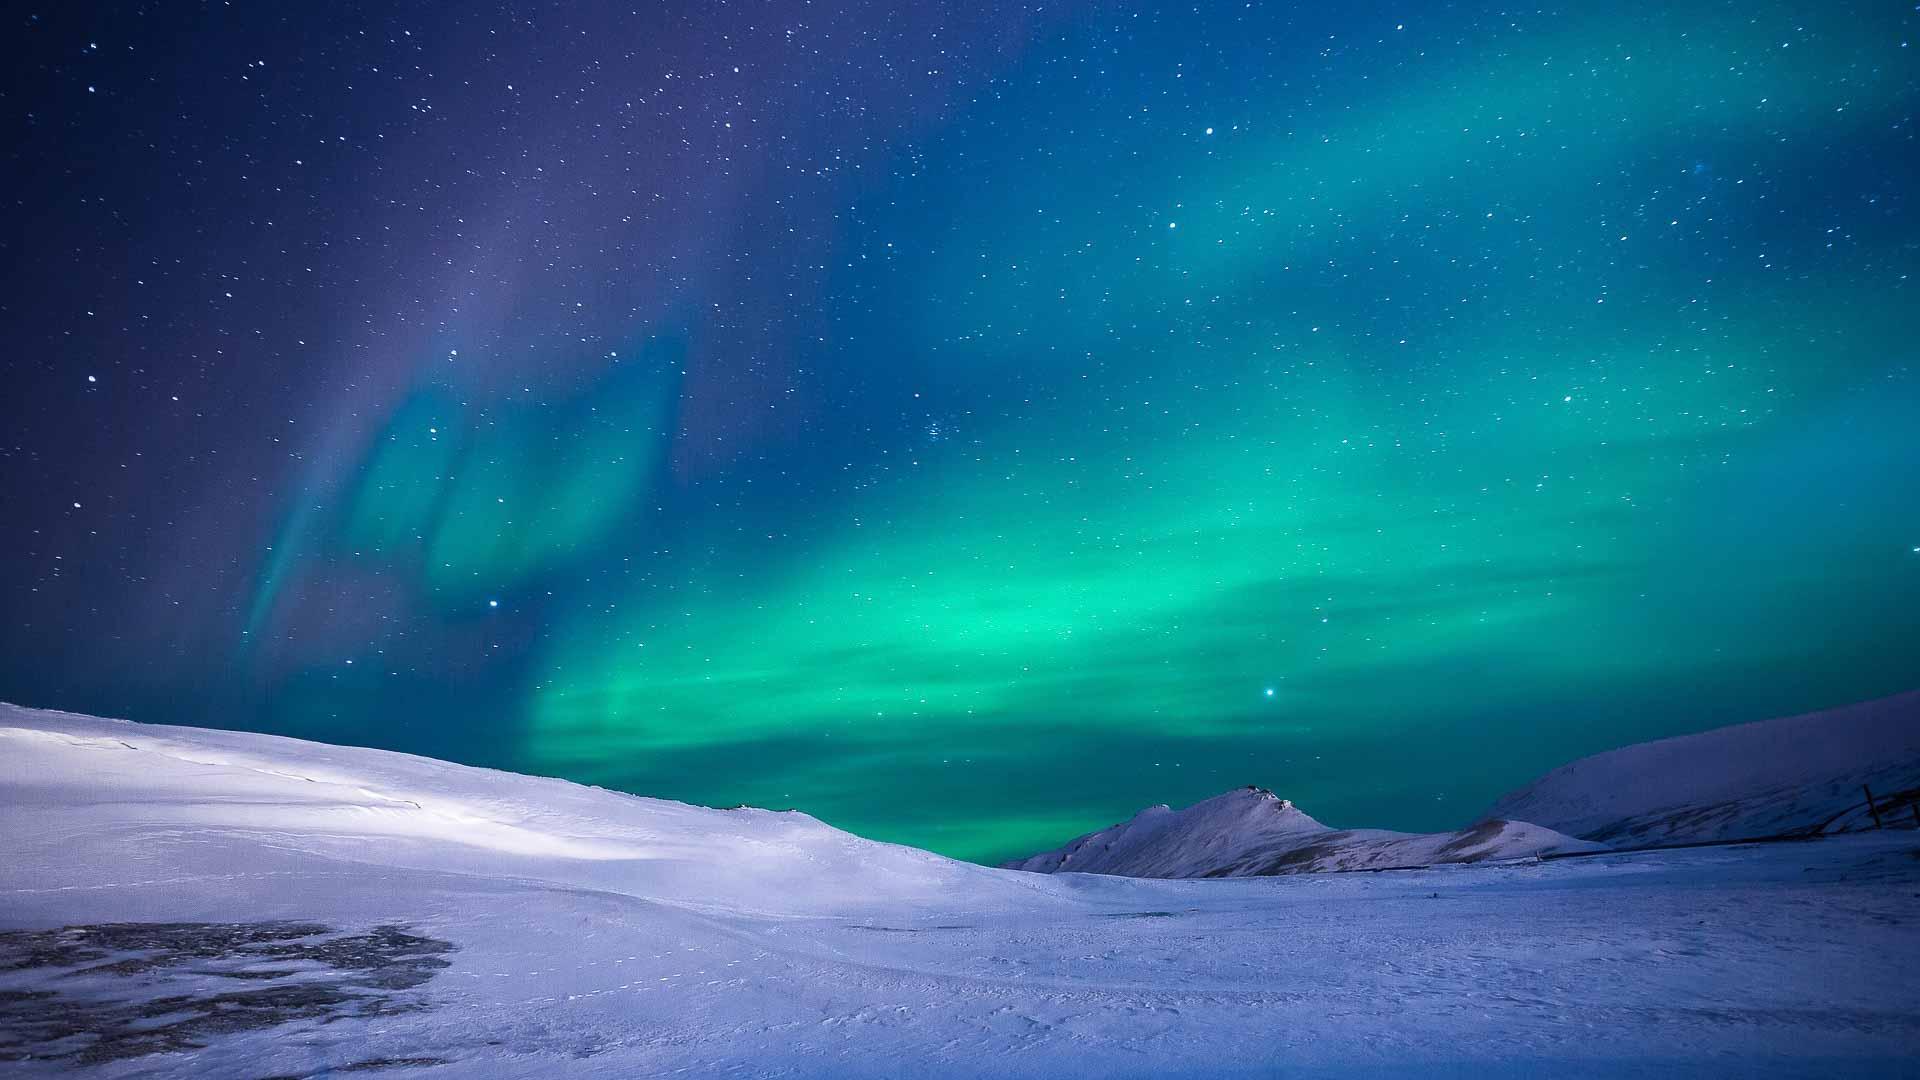 Fotoreise Norwegen Februar 2020 - Nordlicht